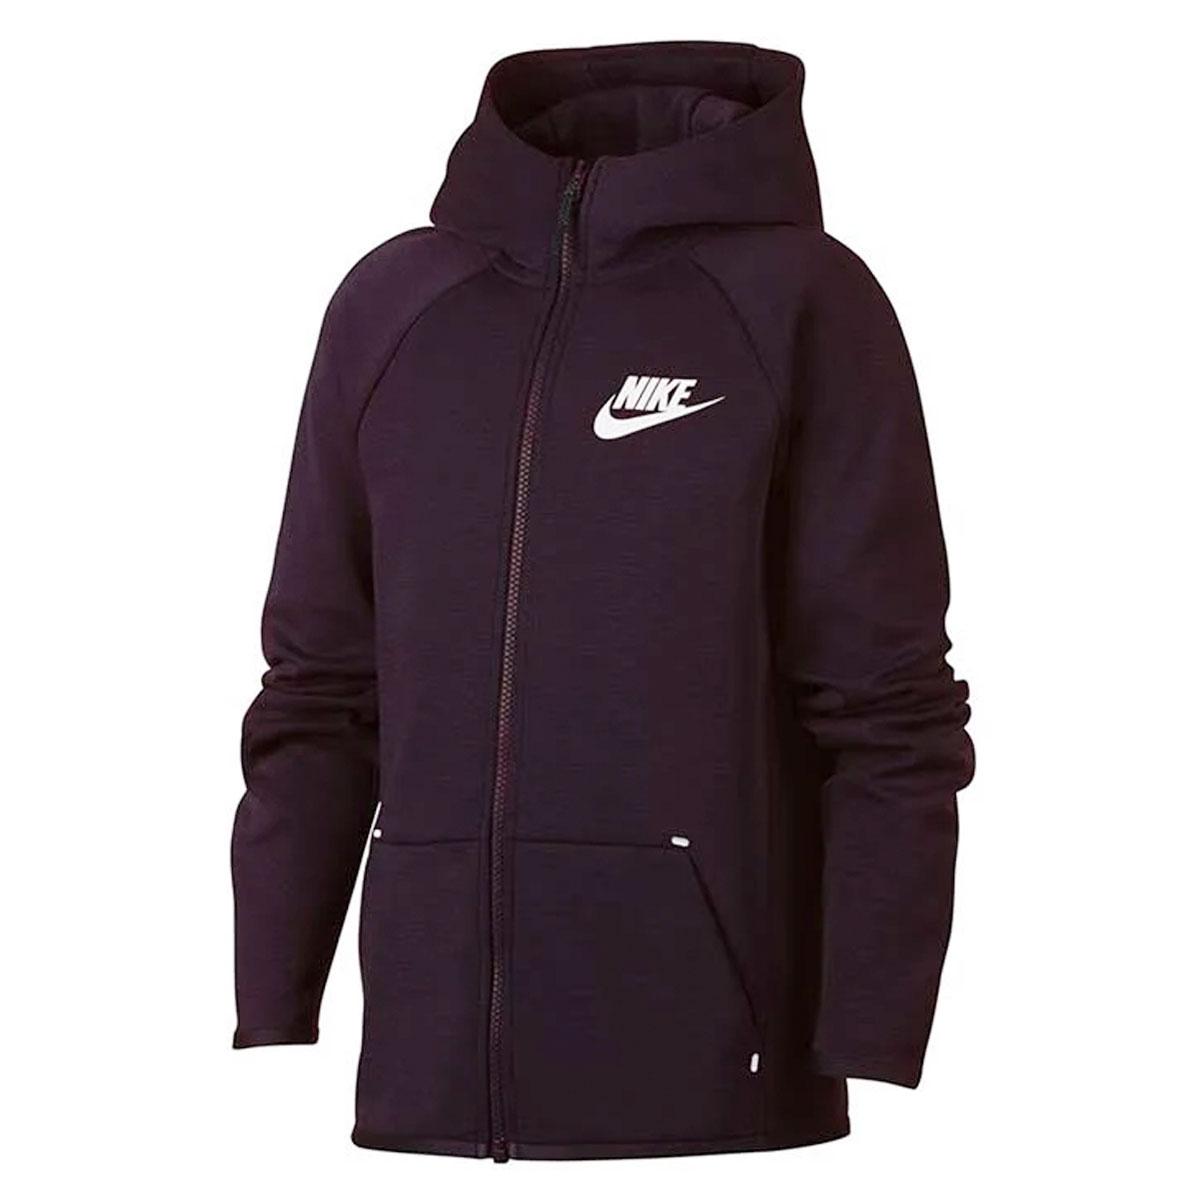 85f80fe6b4aa Nike Essentials Tech Fleece Full Zip Hoodie Junior ROOD online kopen ...